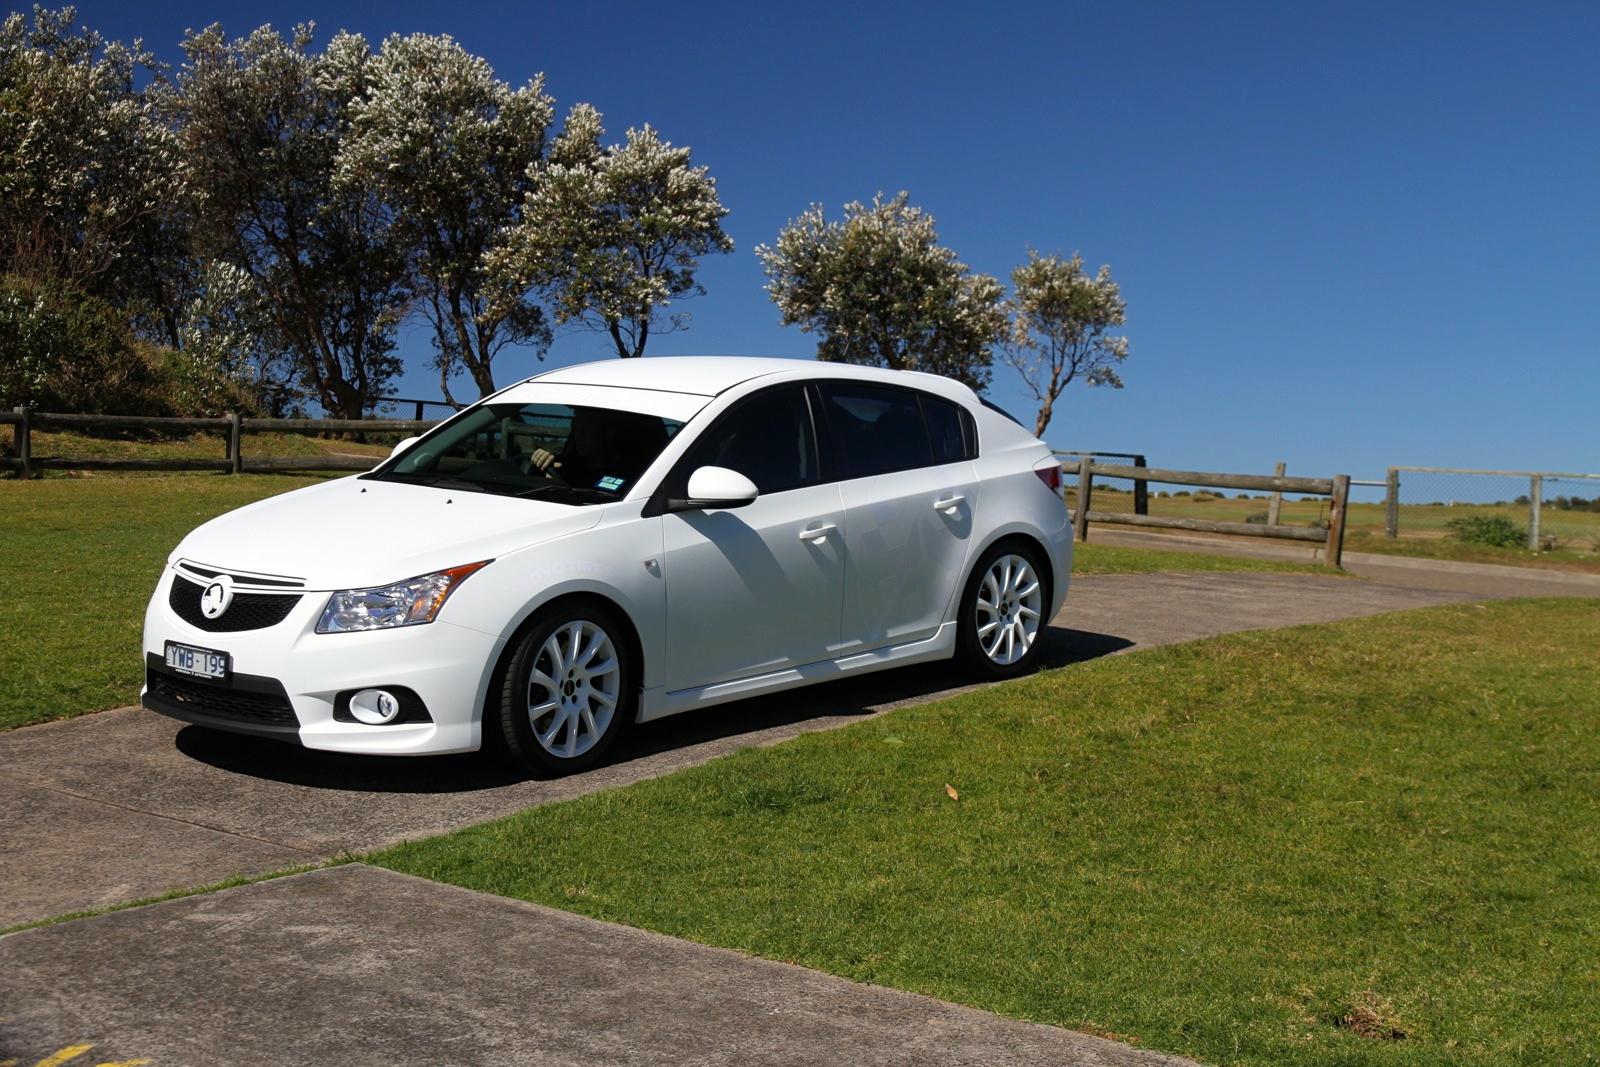 Picture of CarNextDoor's 2012 Holden Cruze